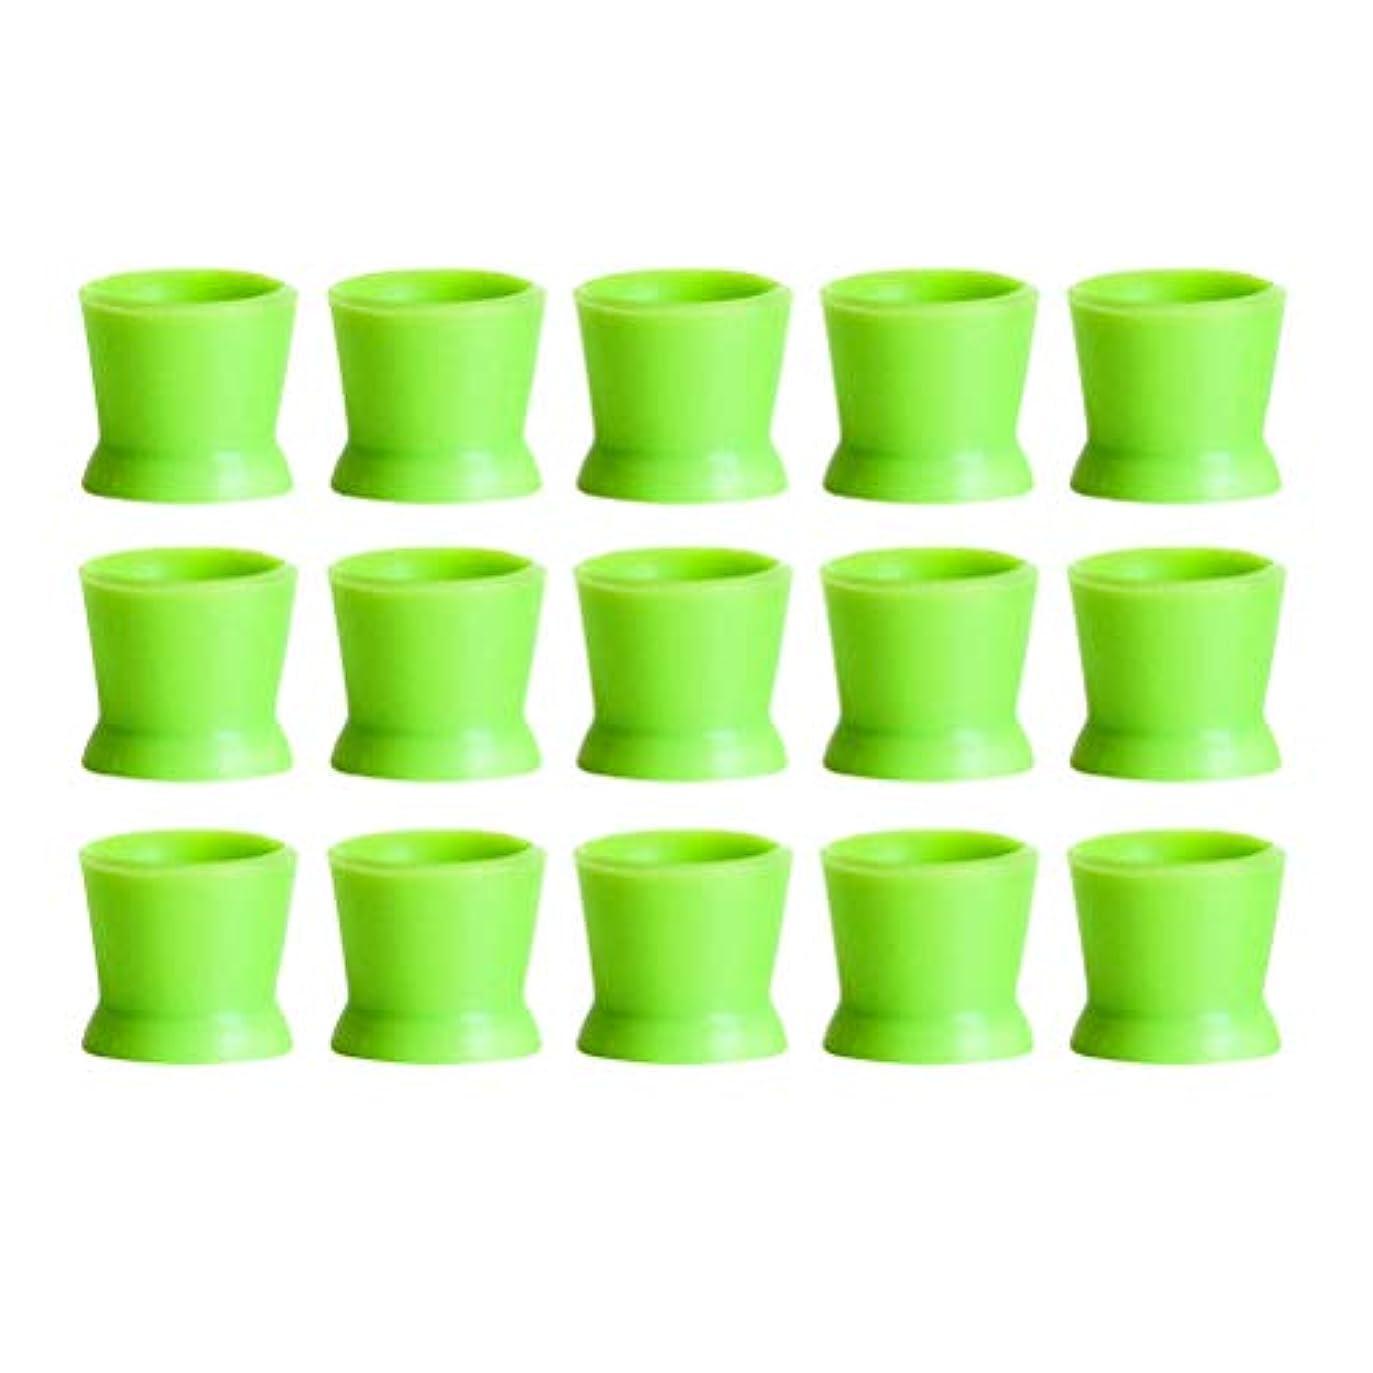 ドラフトエジプト人レンダリングHealifty 300PCSシリコンタトゥーインクカップ使い捨てマイクロブレーディングピグメントキャップホルダーコンテナ永久的なまつげメイクアップアイブロー(グリーン)